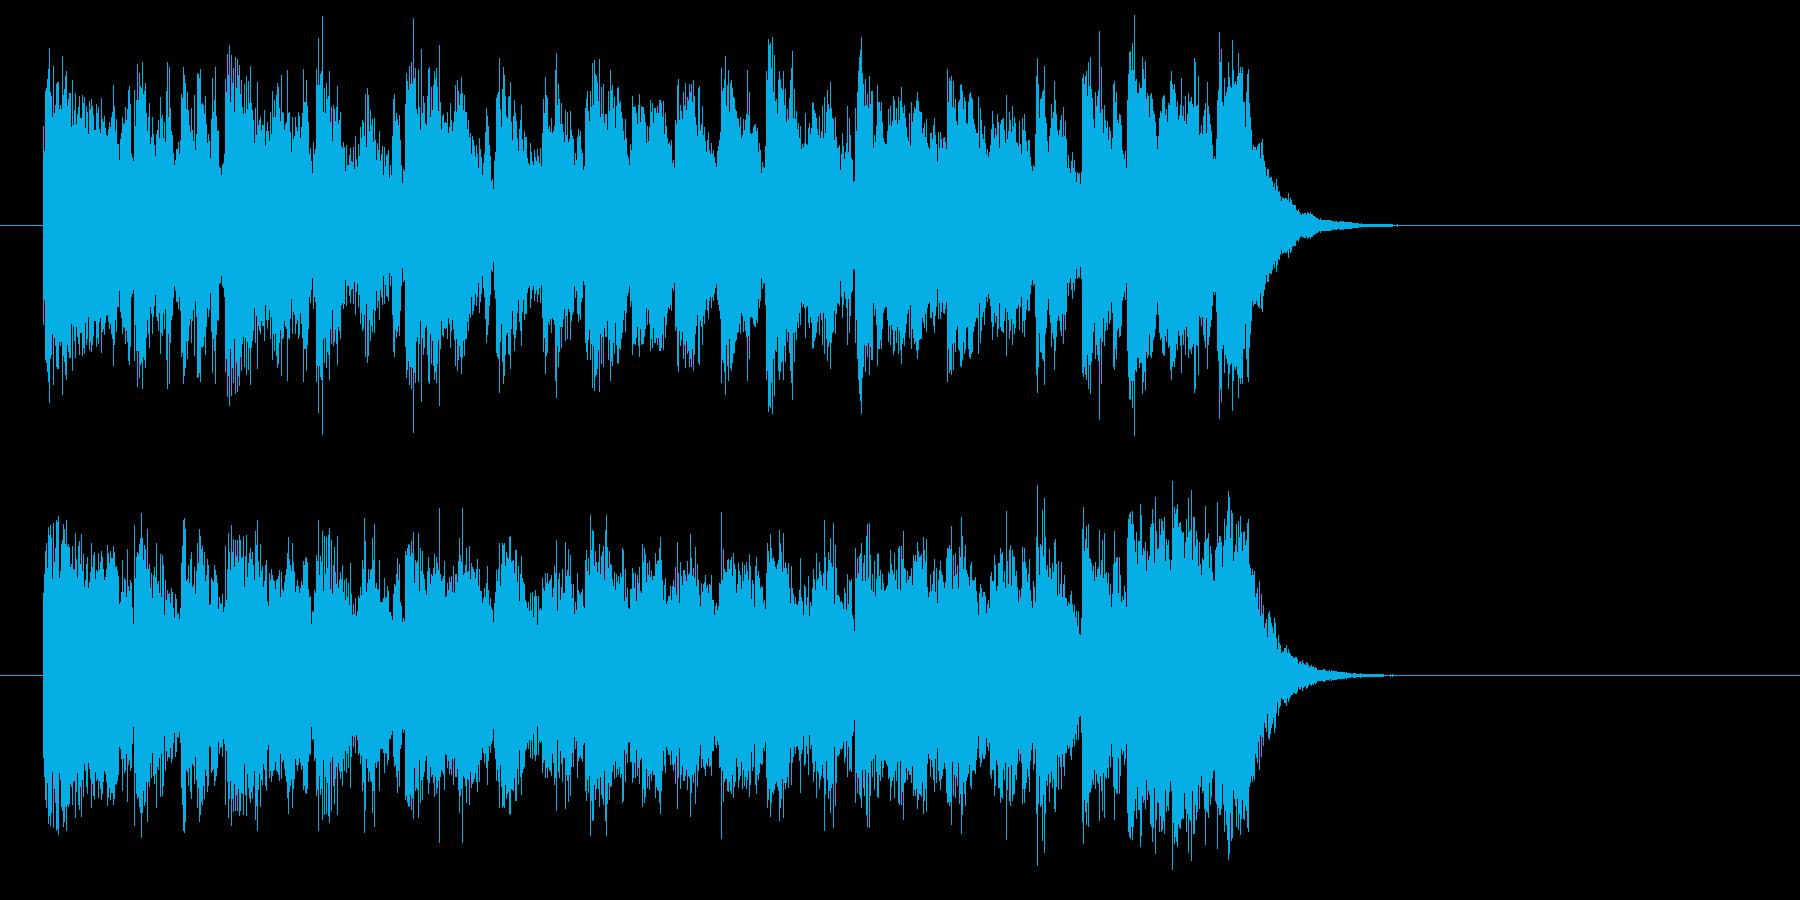 勇者のオーケストラ風音楽(サビ)の再生済みの波形